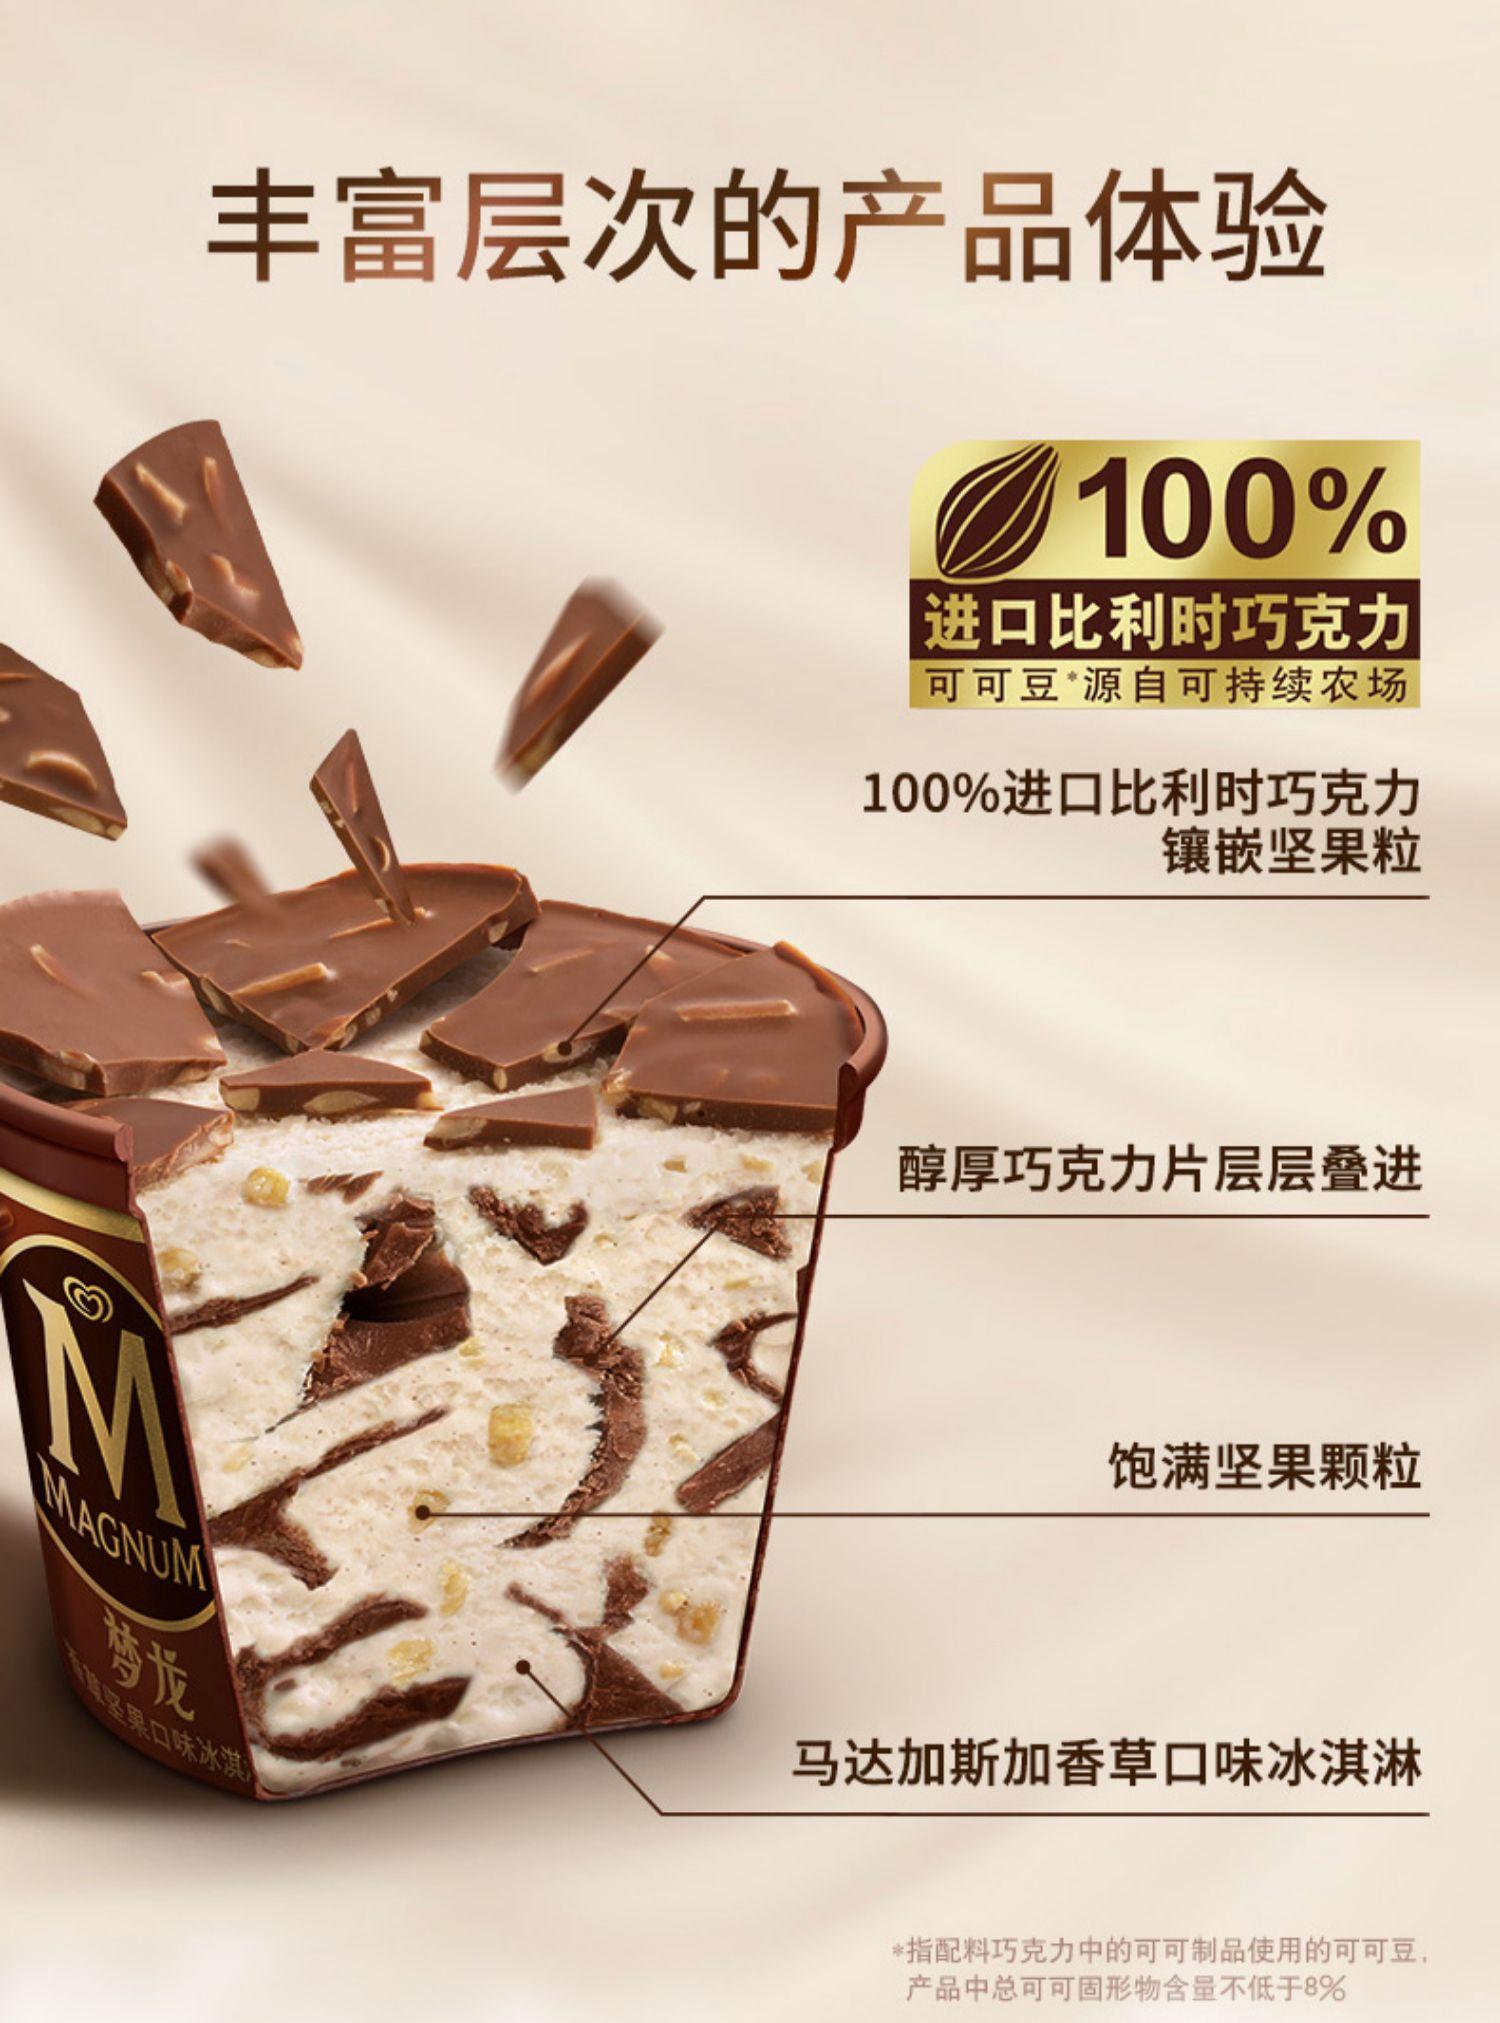 【梦龙9杯12杯装】桶装冰淇淋